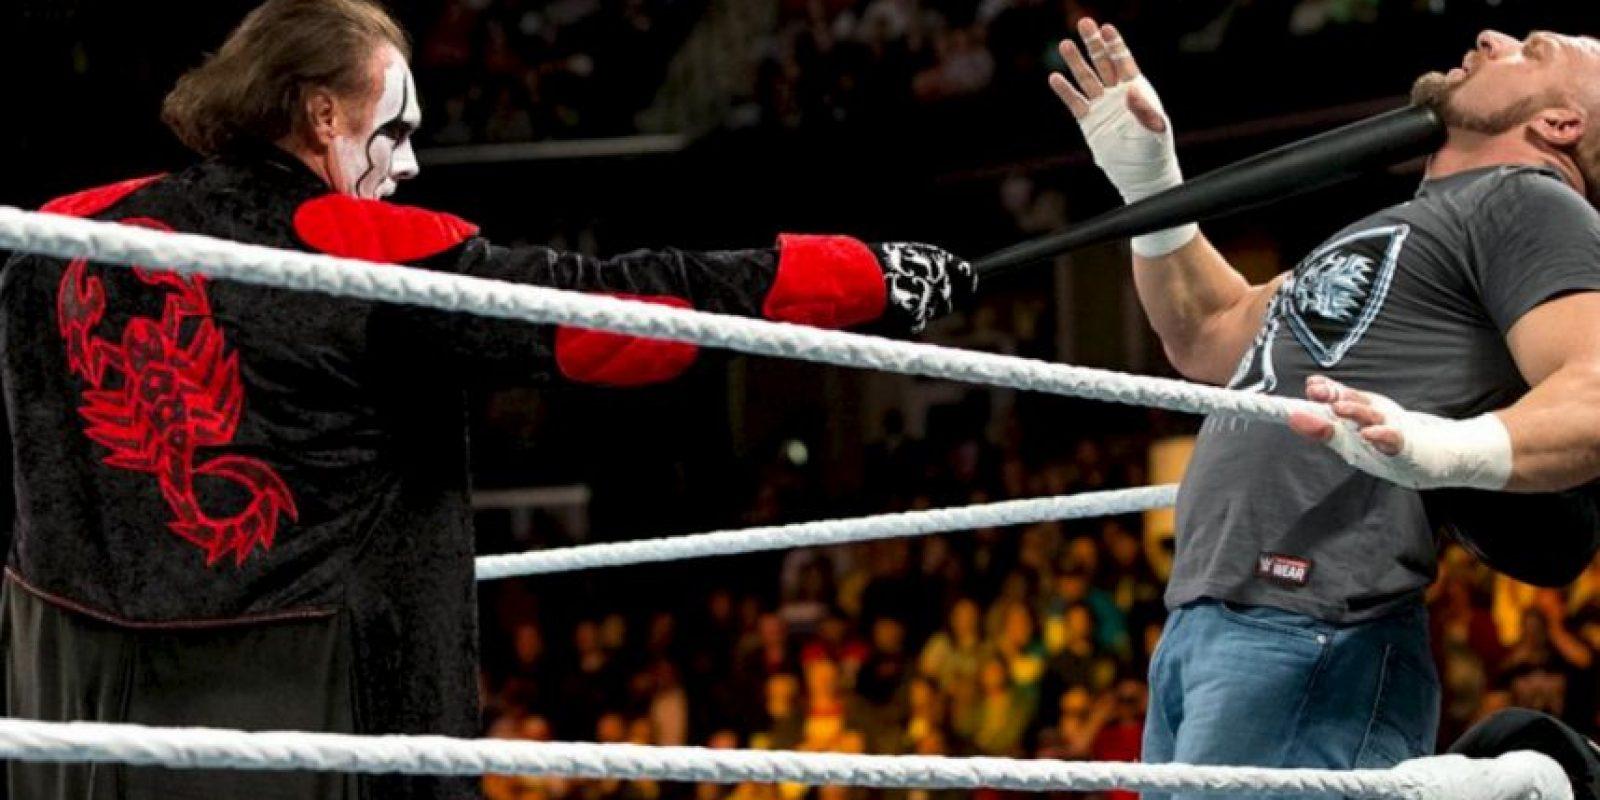 """En 2014, Sting se unió a la WWE y su debut fue en """"Survivor Series"""", atacando a Triple H para darle el triunfo a """"Team Cena"""", equipo liderado por John Cena. Foto:WWE. Imagen Por:"""